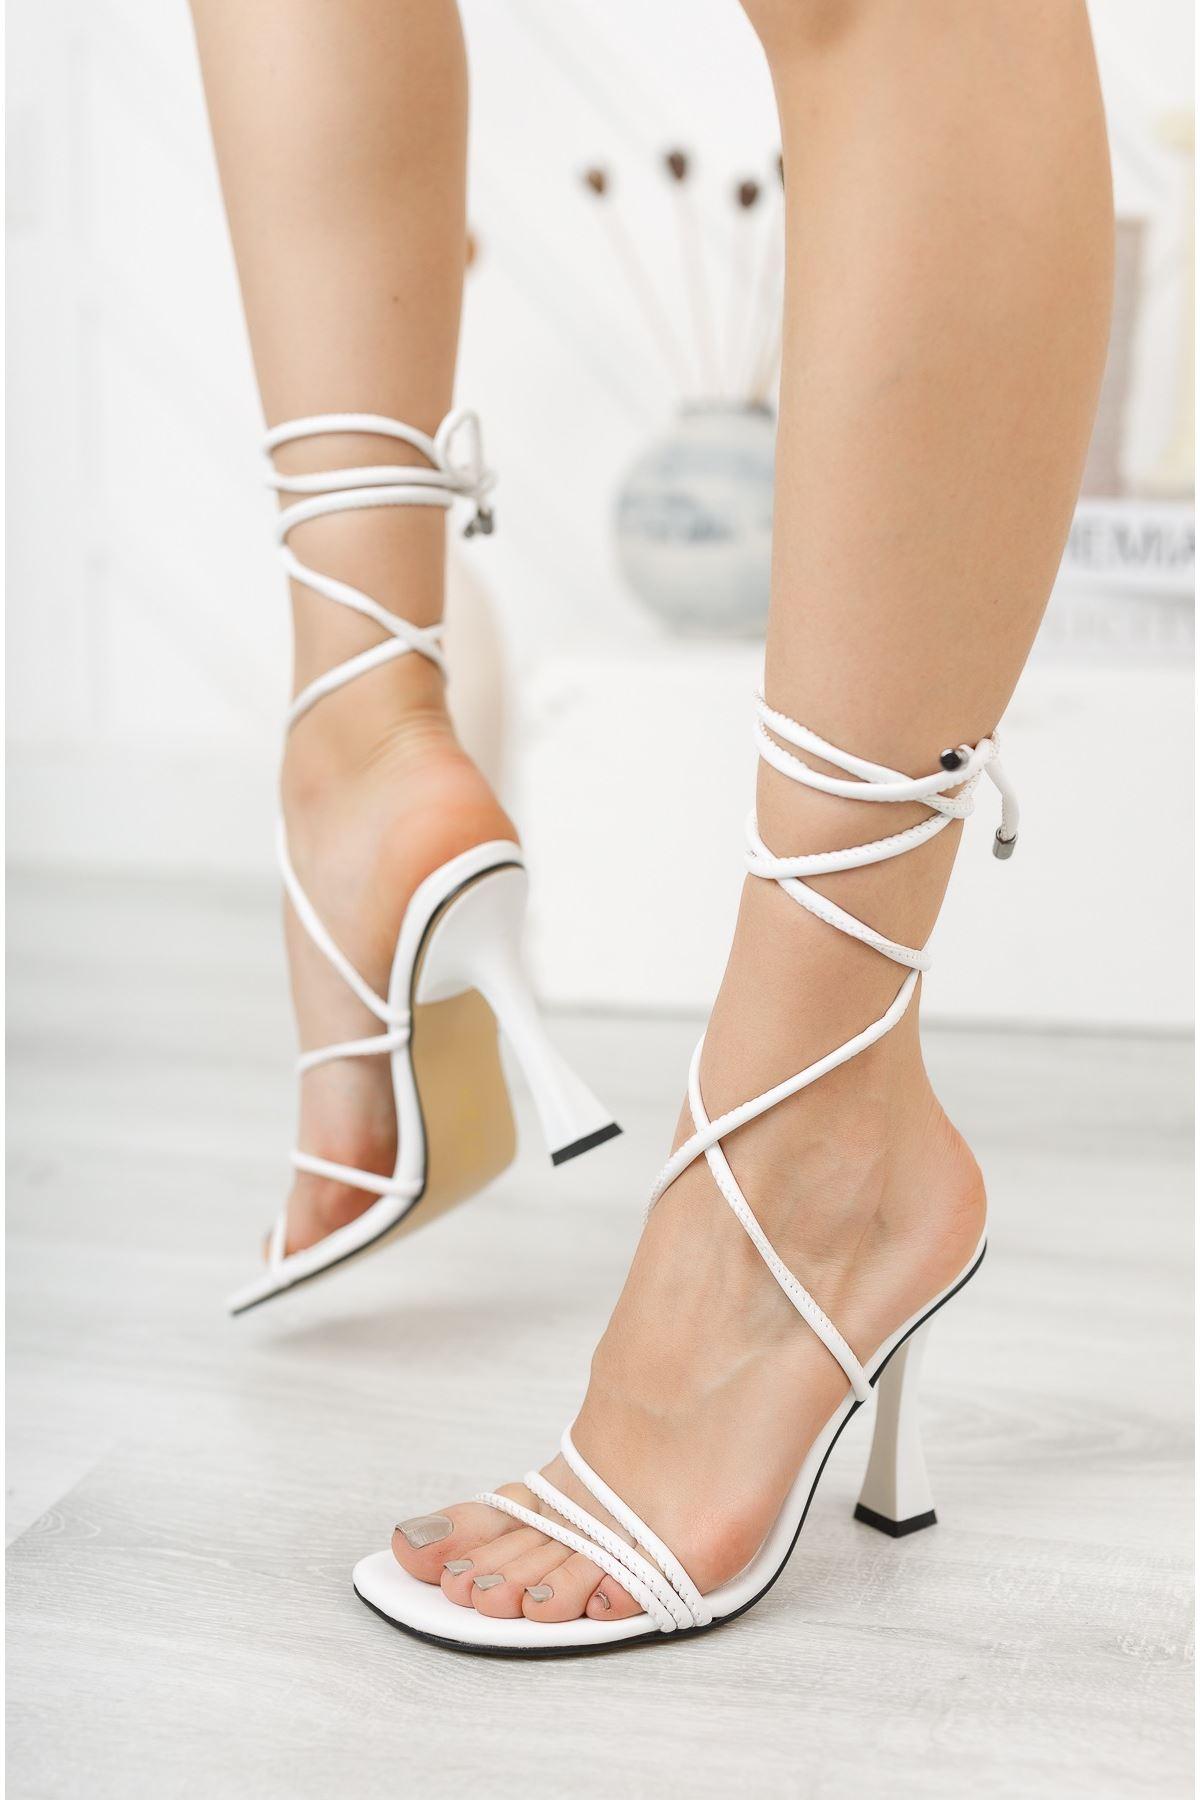 Beyaz Bilekten Bağlama Detaylı Yüksek Topuklu Ayakkabı